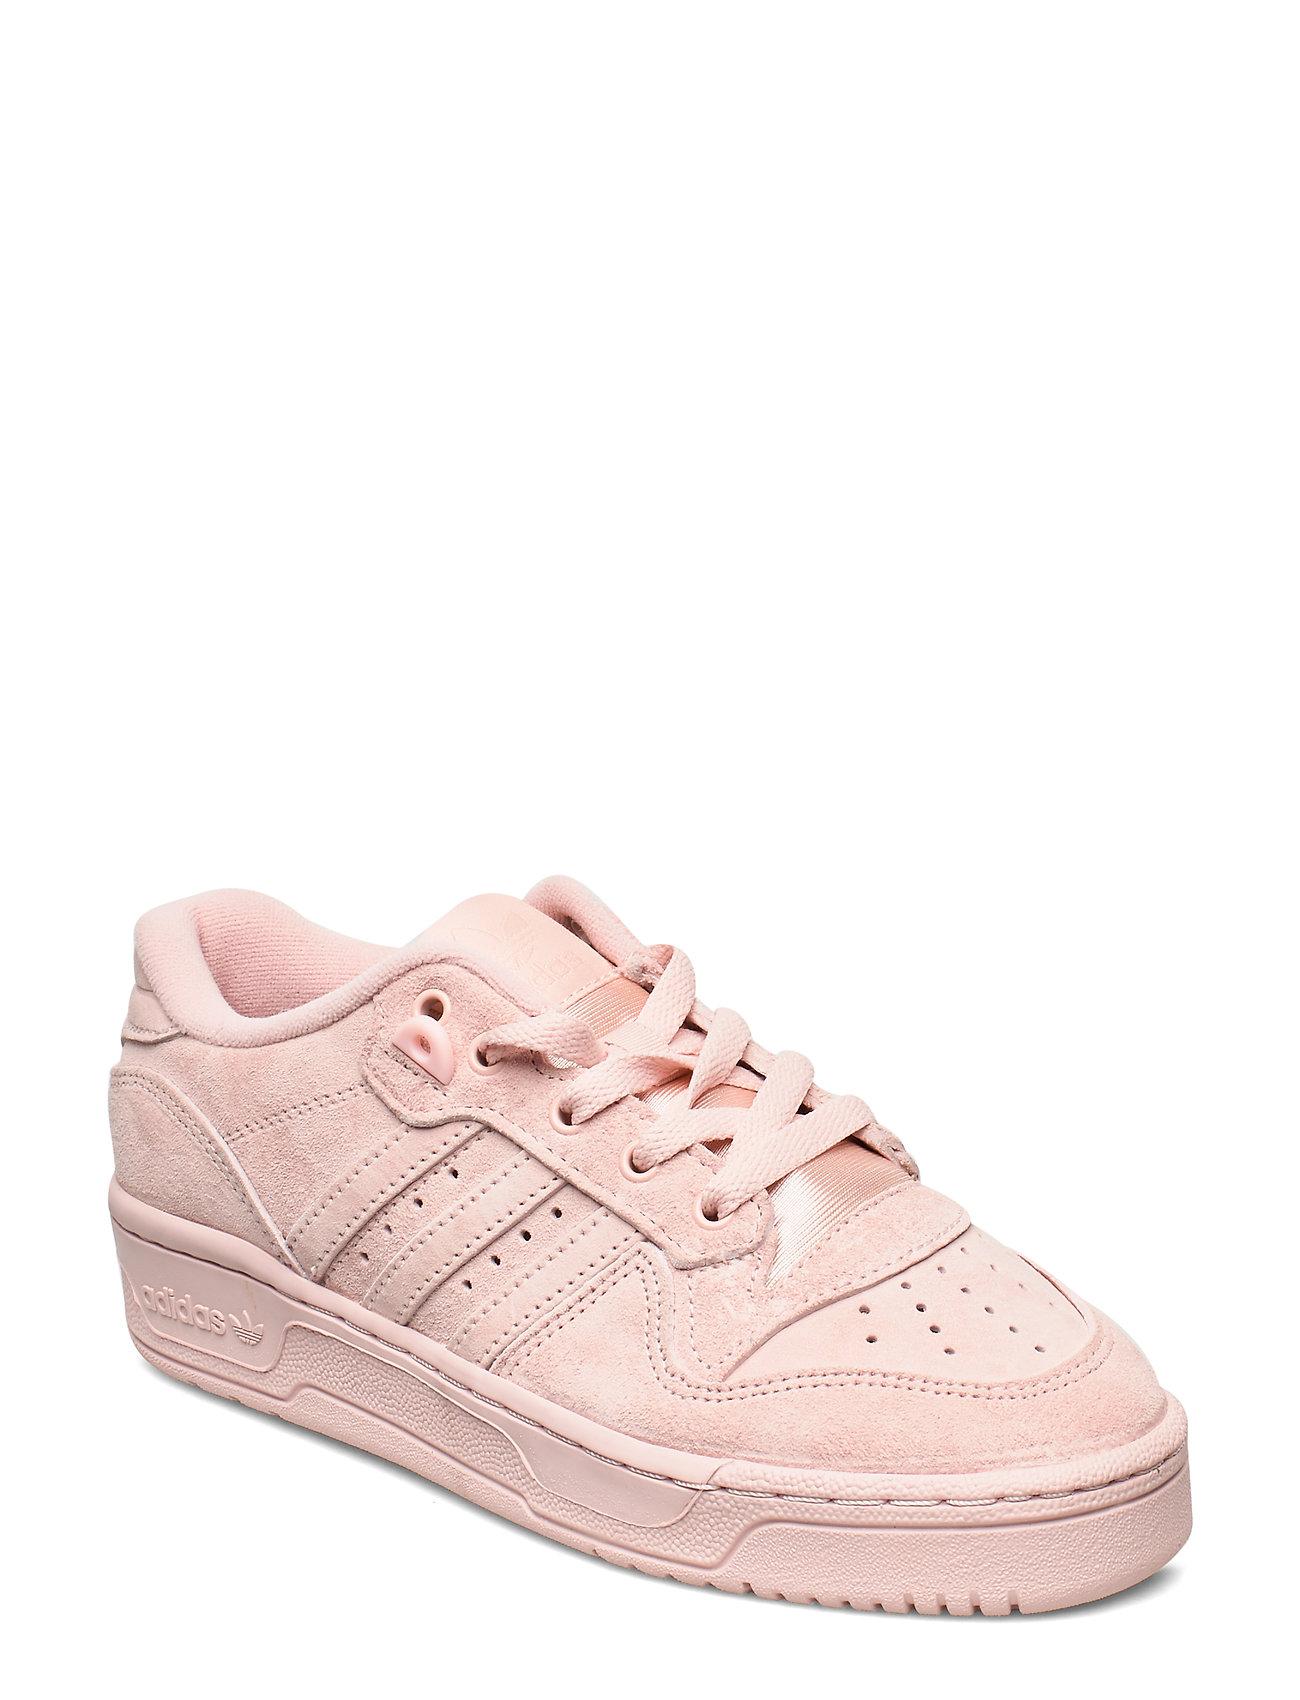 adidas Originals RIVALRY LOW J - VAPPNK/VAPPNK/VAPPNK